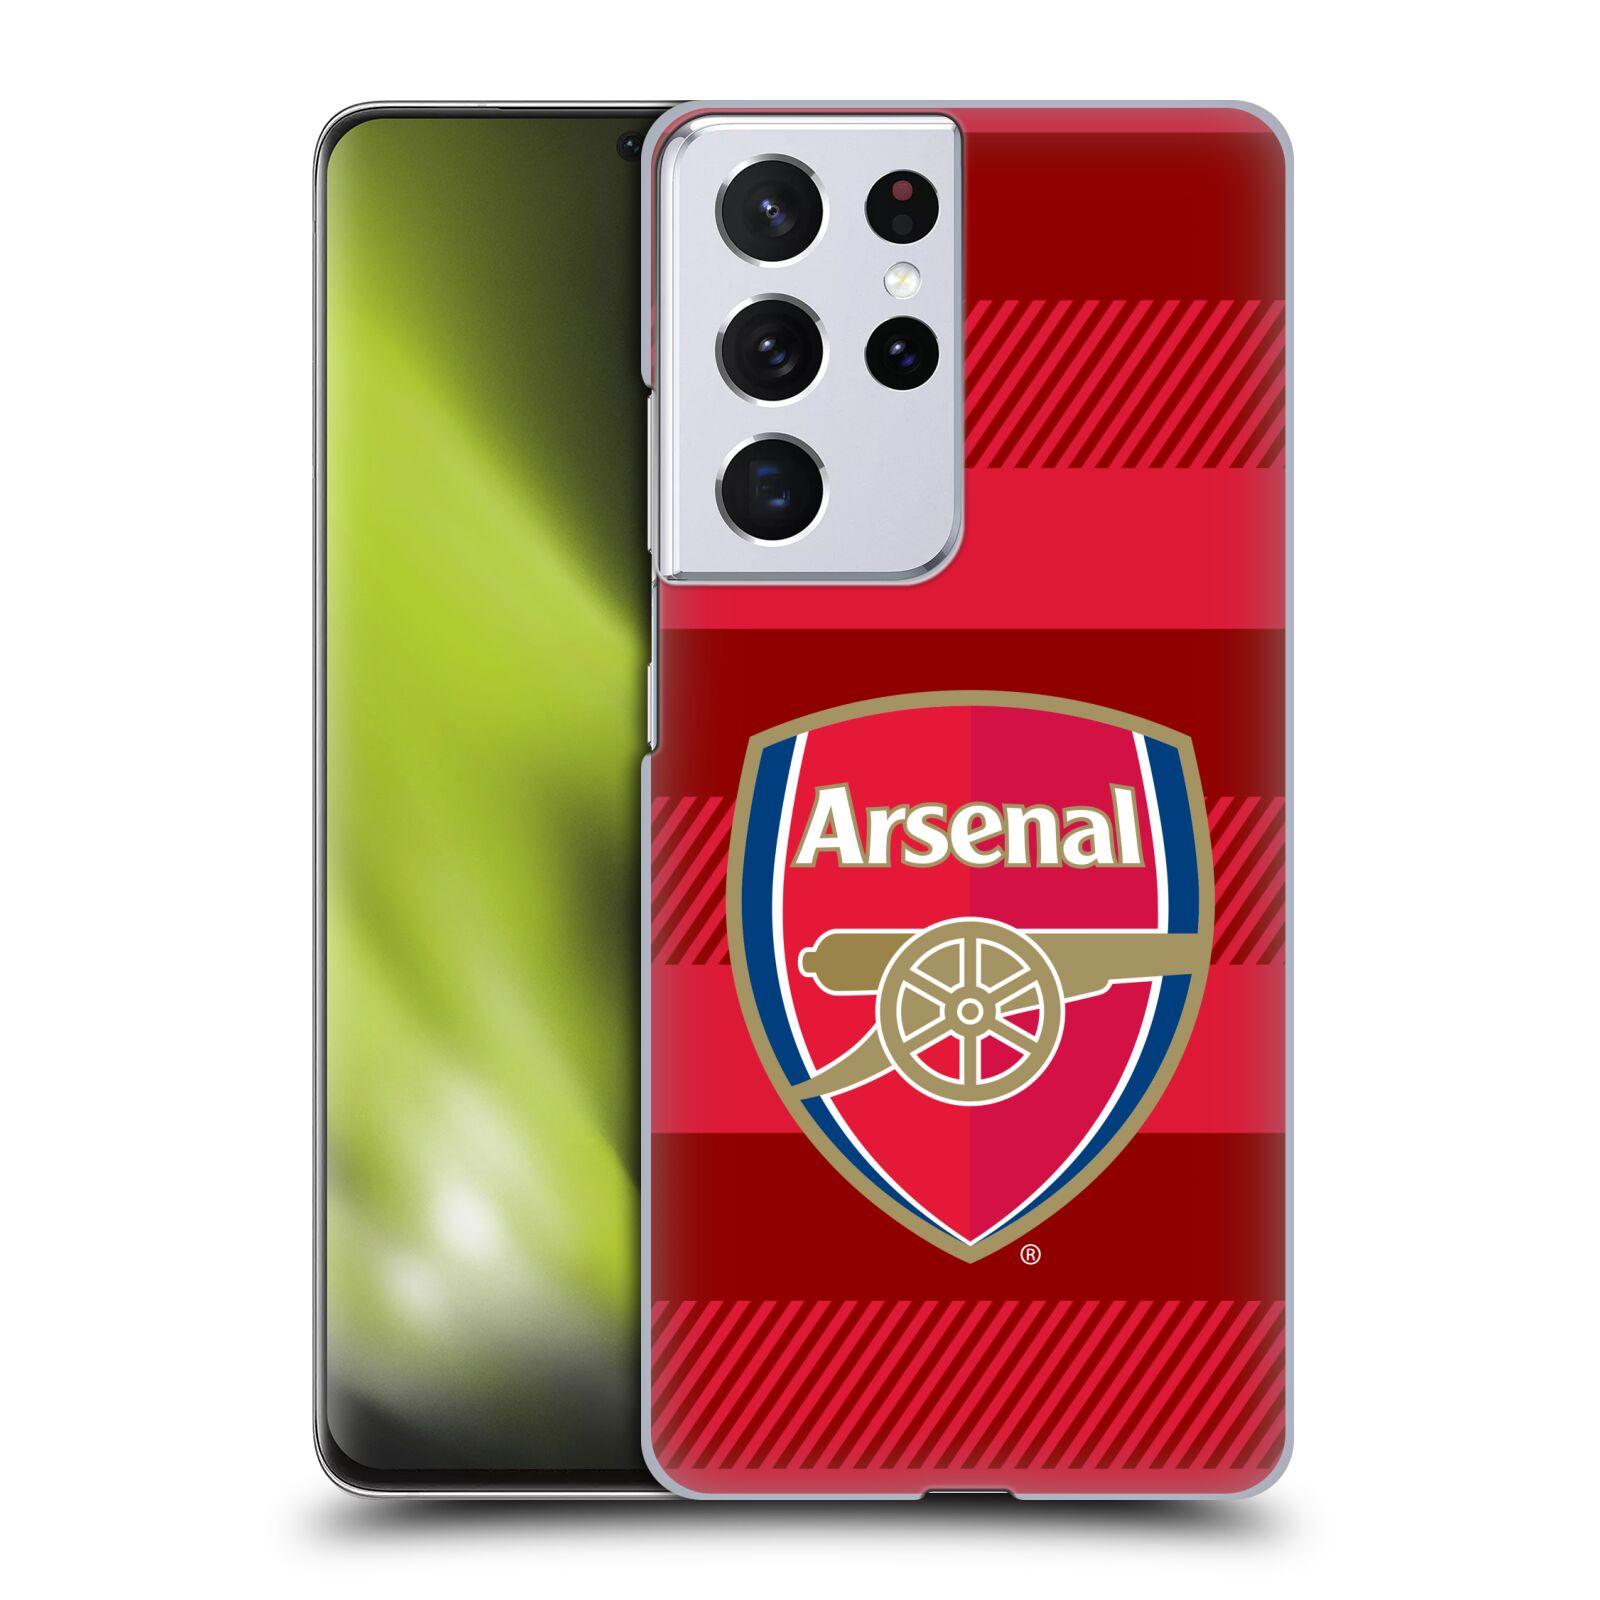 Plastové pouzdro na mobil Samsung Galaxy S21 Ultra 5G - Head Case - Arsenal FC - Logo s pruhy